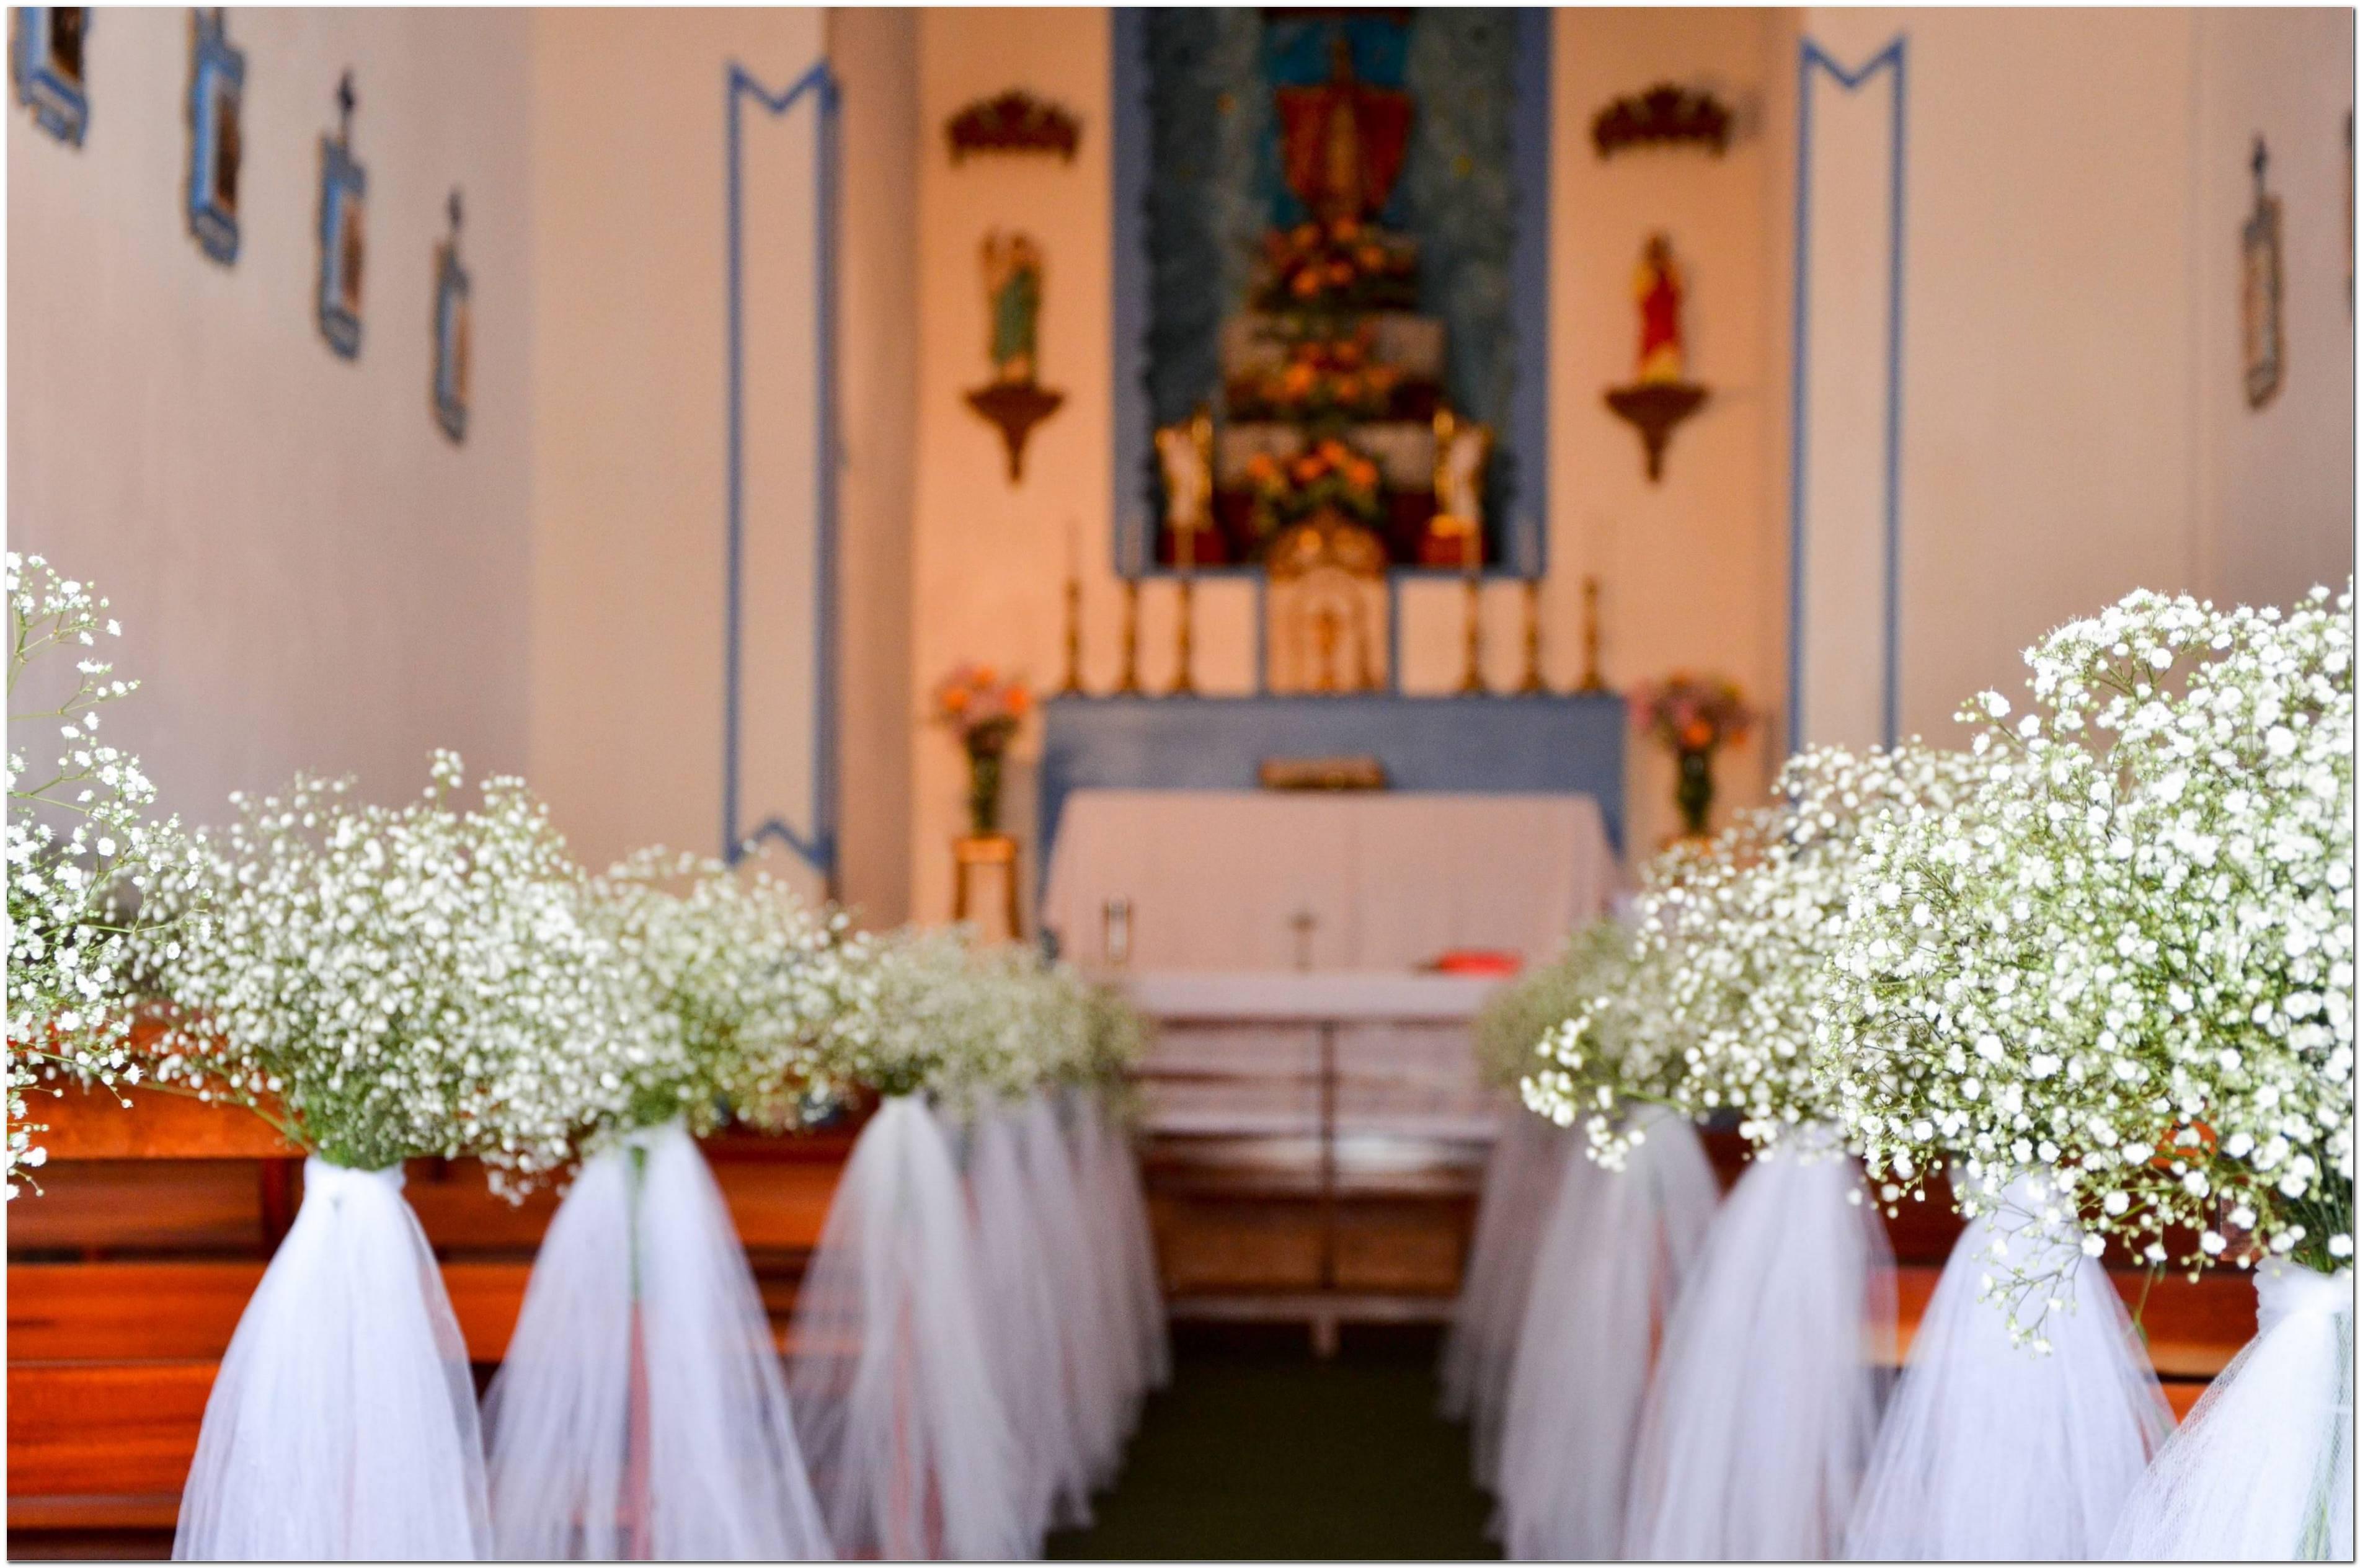 Decoração De Igreja Para Casamento Dicas E Ideias Incríveis